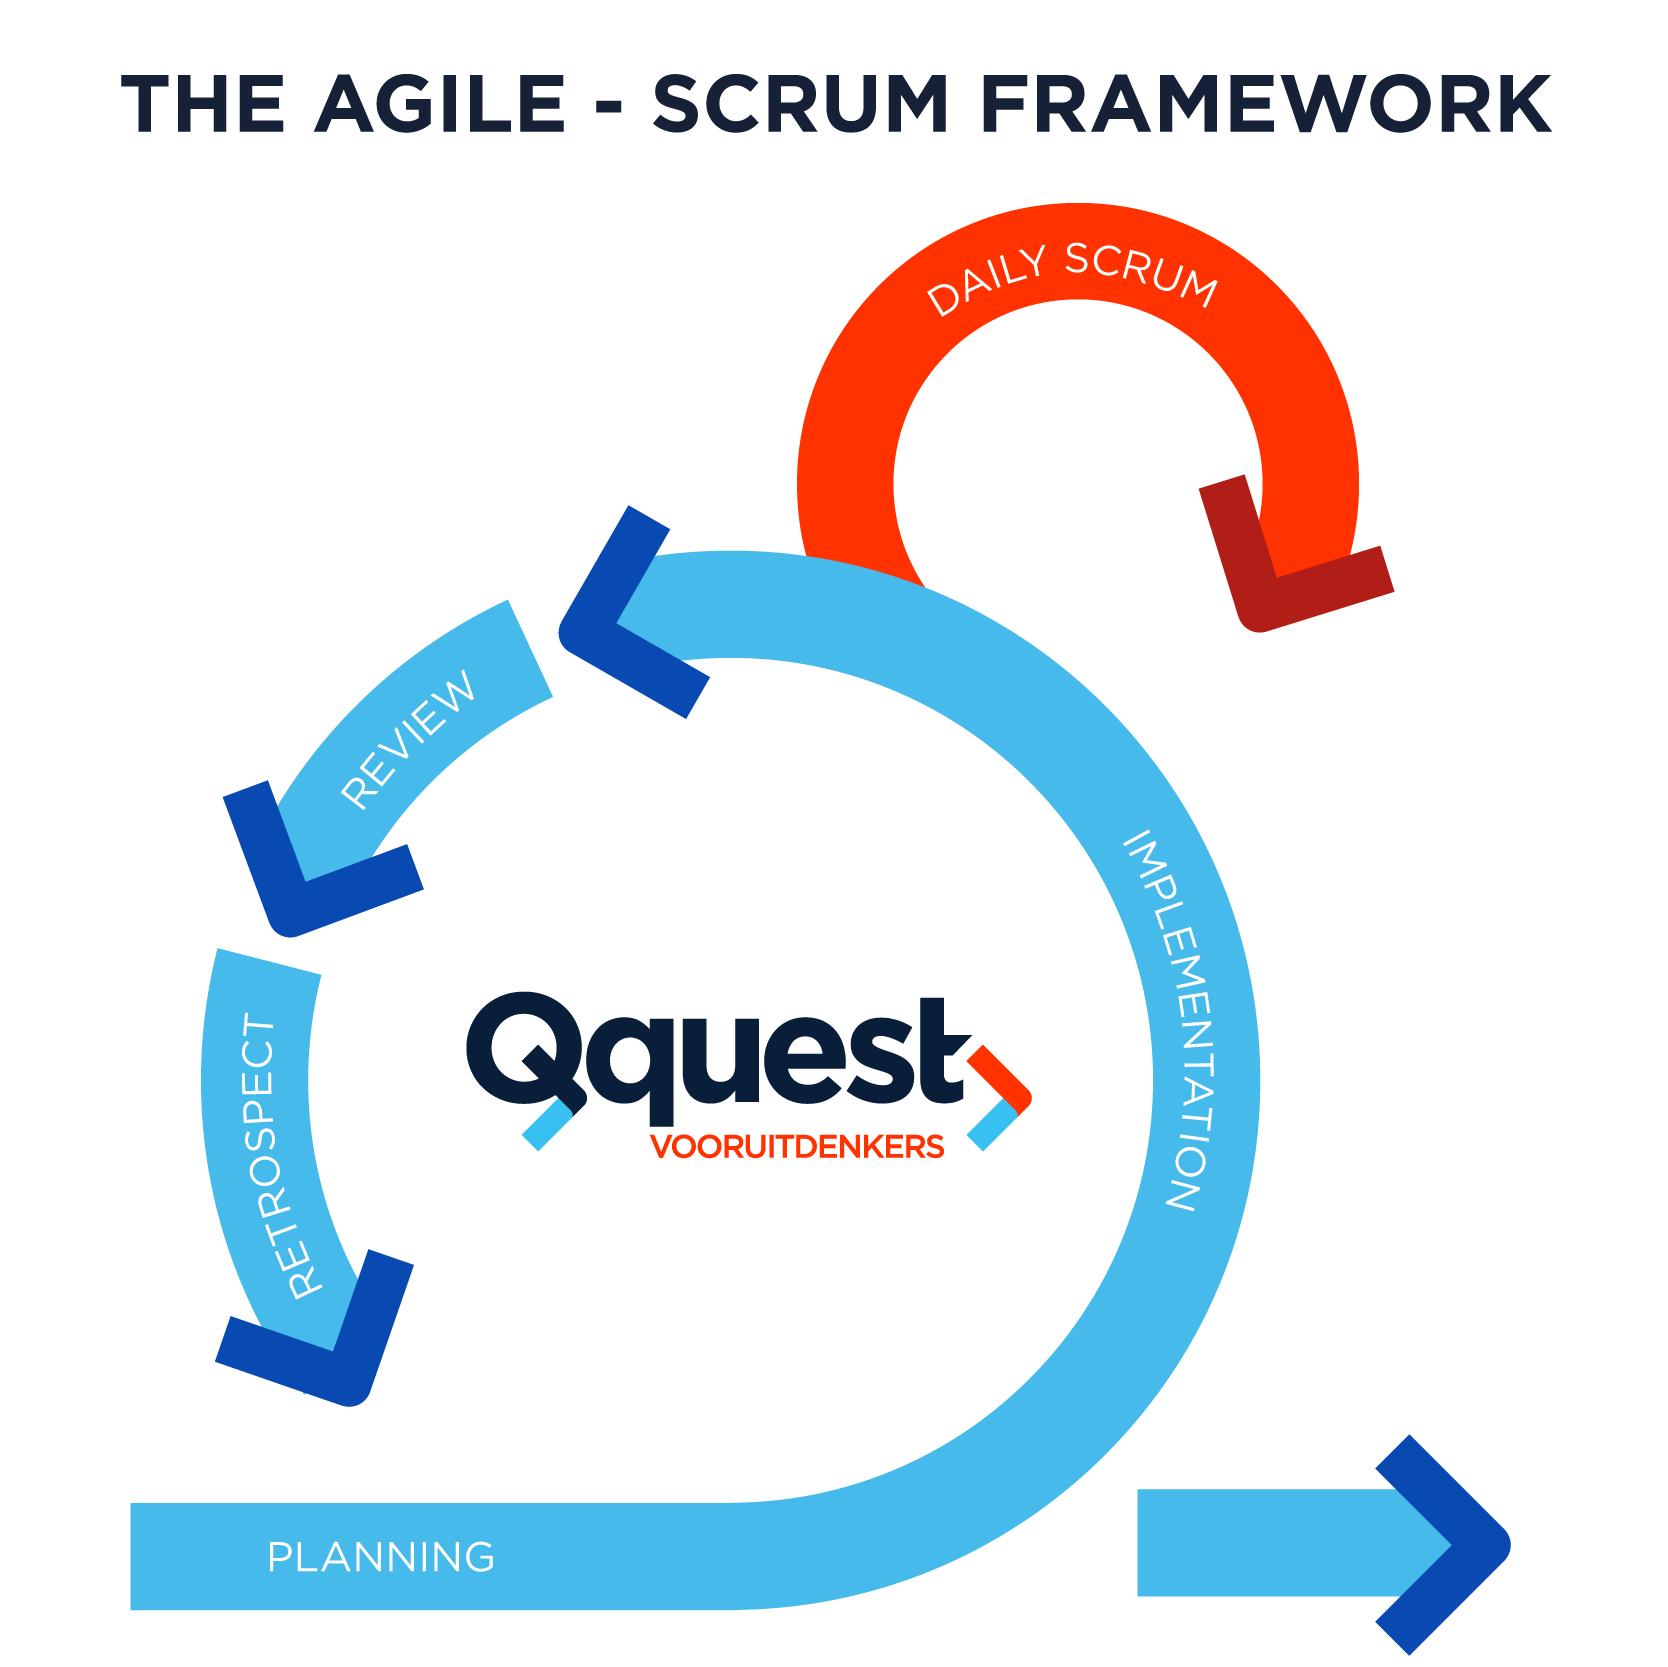 Agile-Scrum Framework